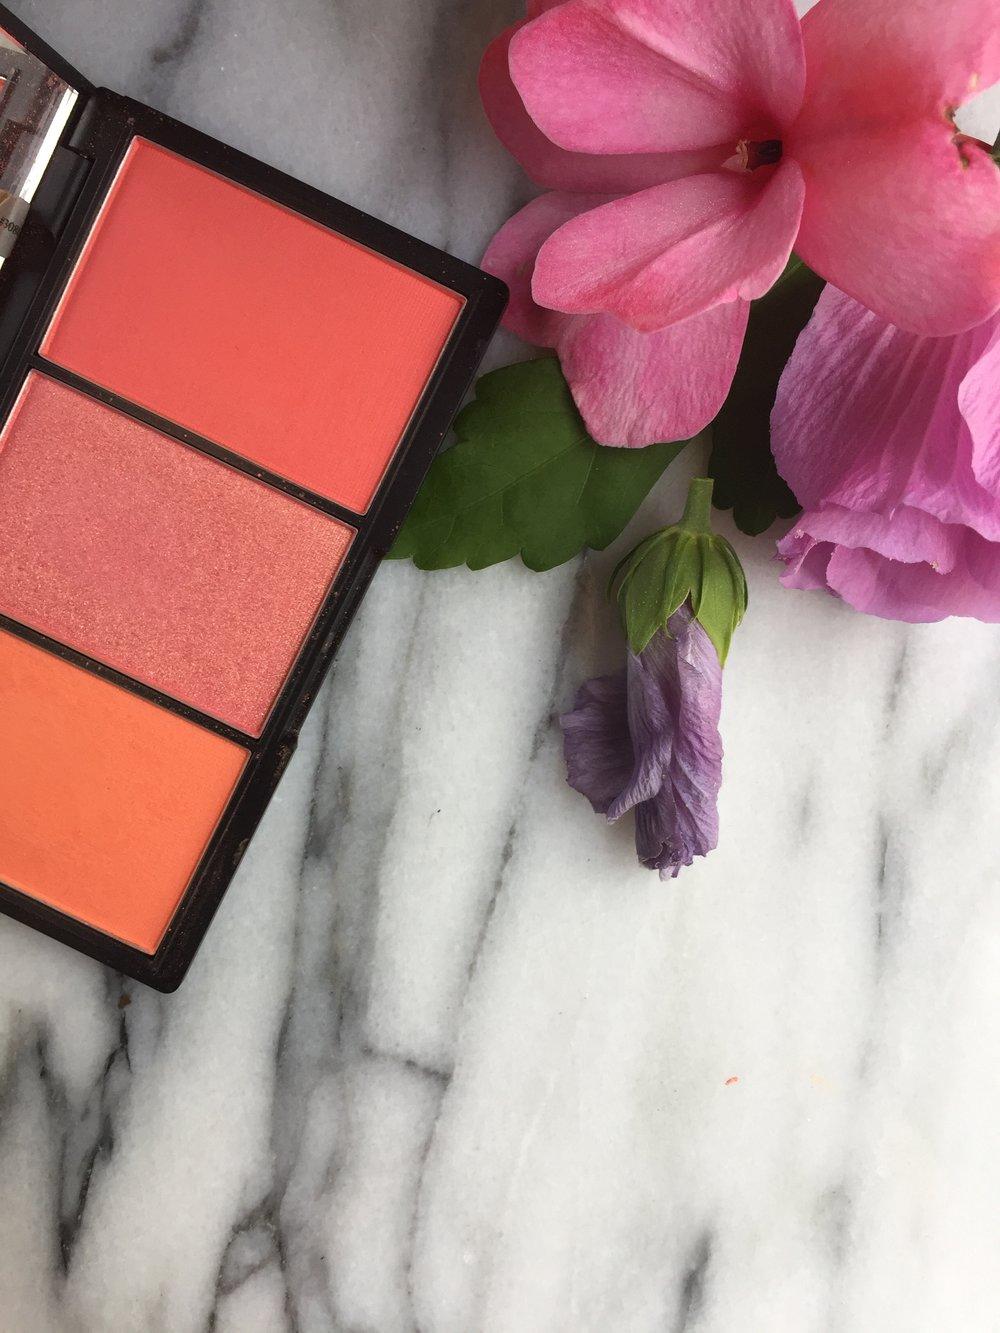 Sleek Blush By 3 | Lace